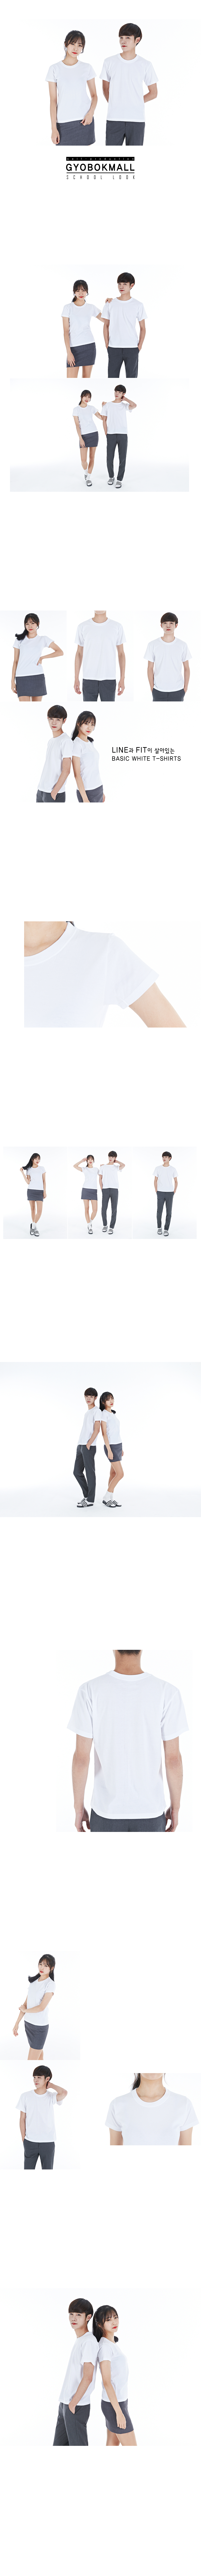 라인핏 화이트 기본 티셔츠 남자 여자 교복 생활복4,900원-교복몰패션의류, 스쿨룩, 여성 스쿨룩, 상의바보사랑라인핏 화이트 기본 티셔츠 남자 여자 교복 생활복4,900원-교복몰패션의류, 스쿨룩, 여성 스쿨룩, 상의바보사랑